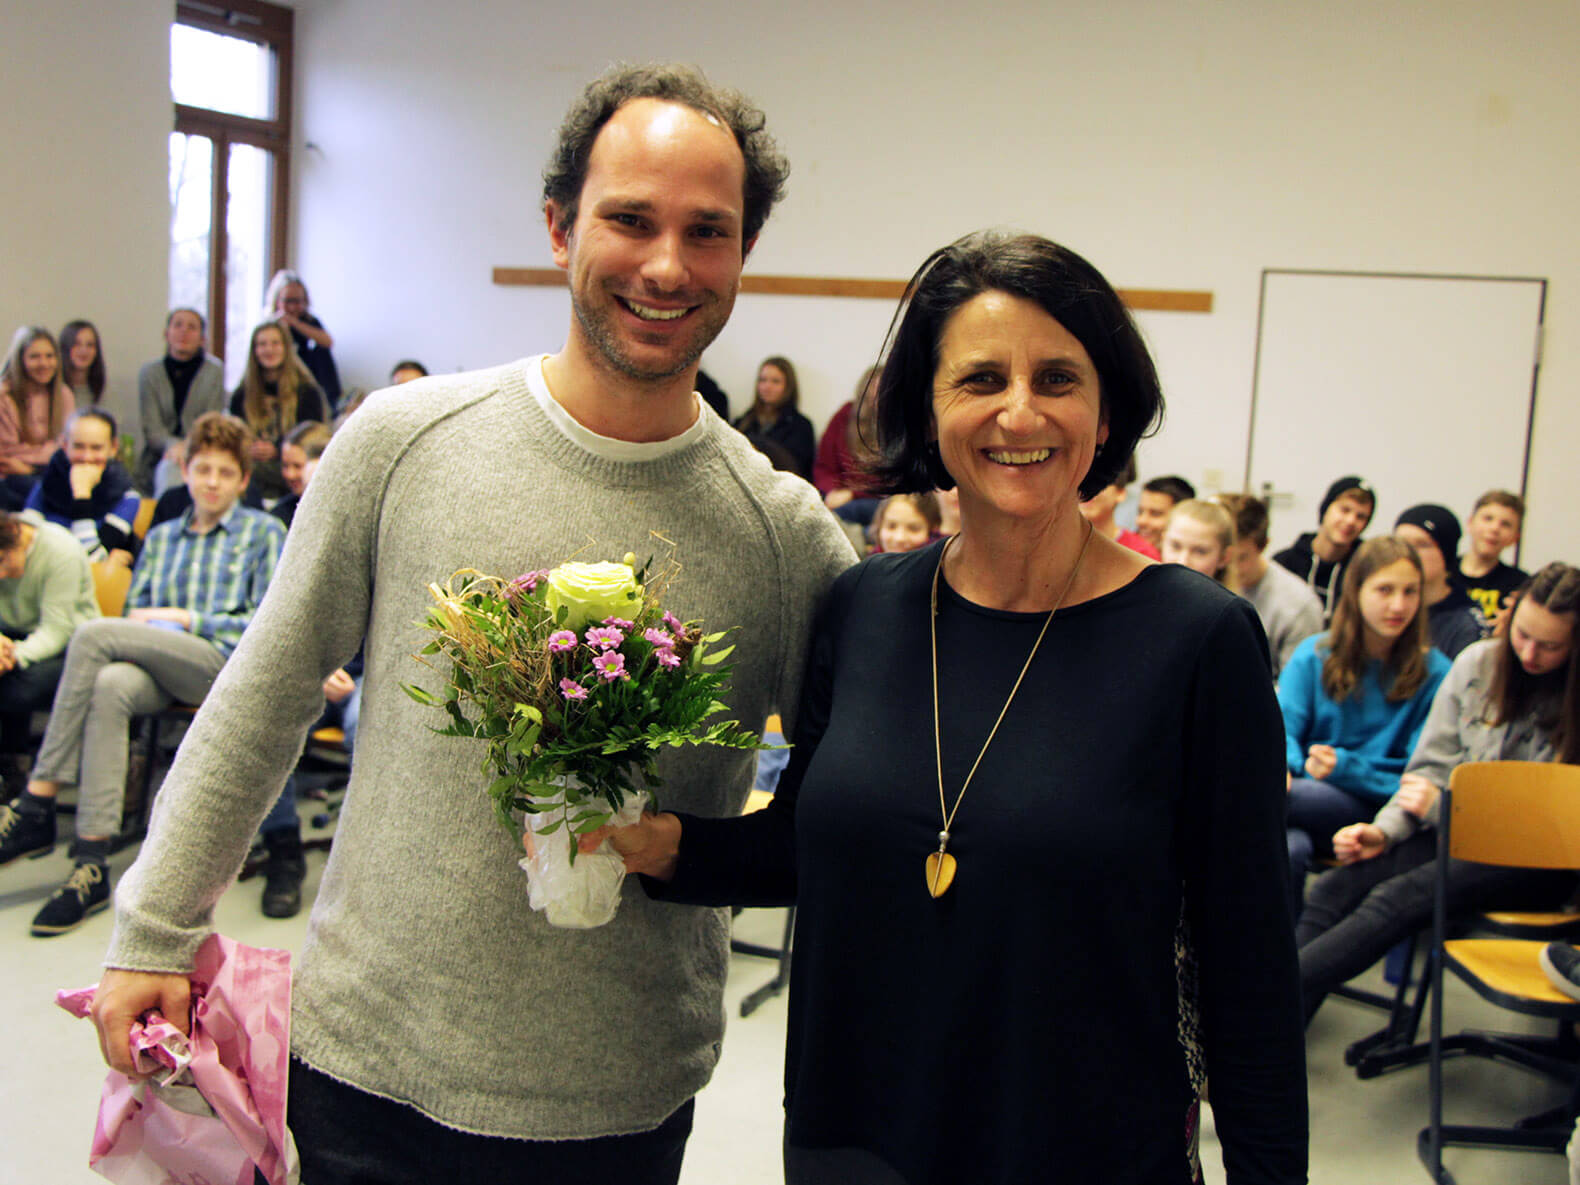 Benedikt Zimmermann (li.) überraschte Andrea Janshen von den Sparkassenstiftungen Zukunft (re.) bei ihrem Besuch mit einem Blumenstrauß.